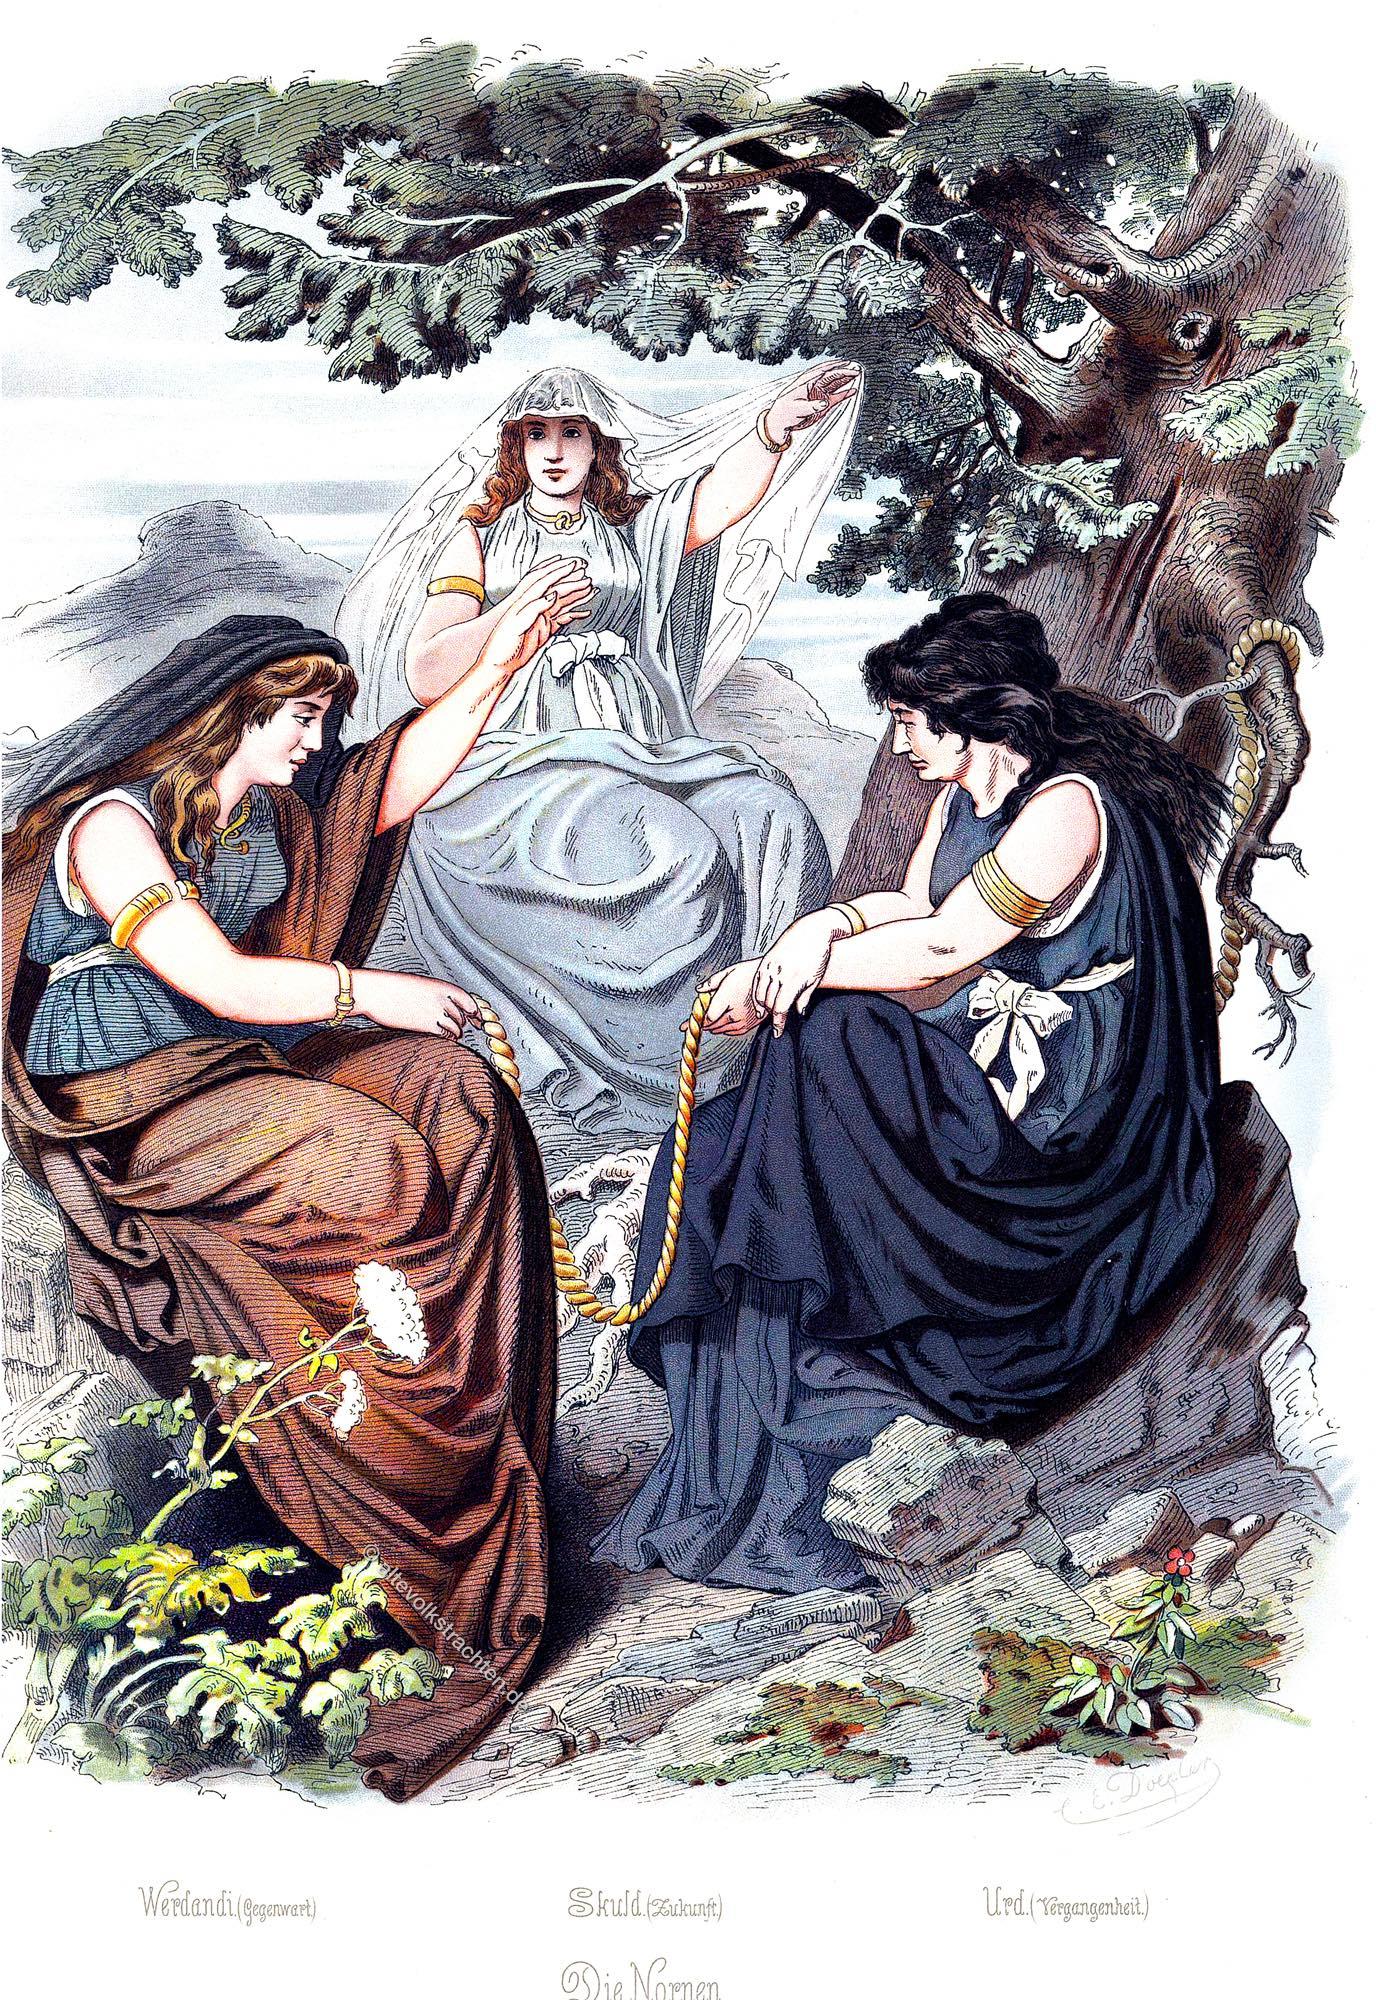 Rheingold, Nornen, Mythologie, germanische, Schicksalsgöttinnen, Werdandi, Skult, Urd